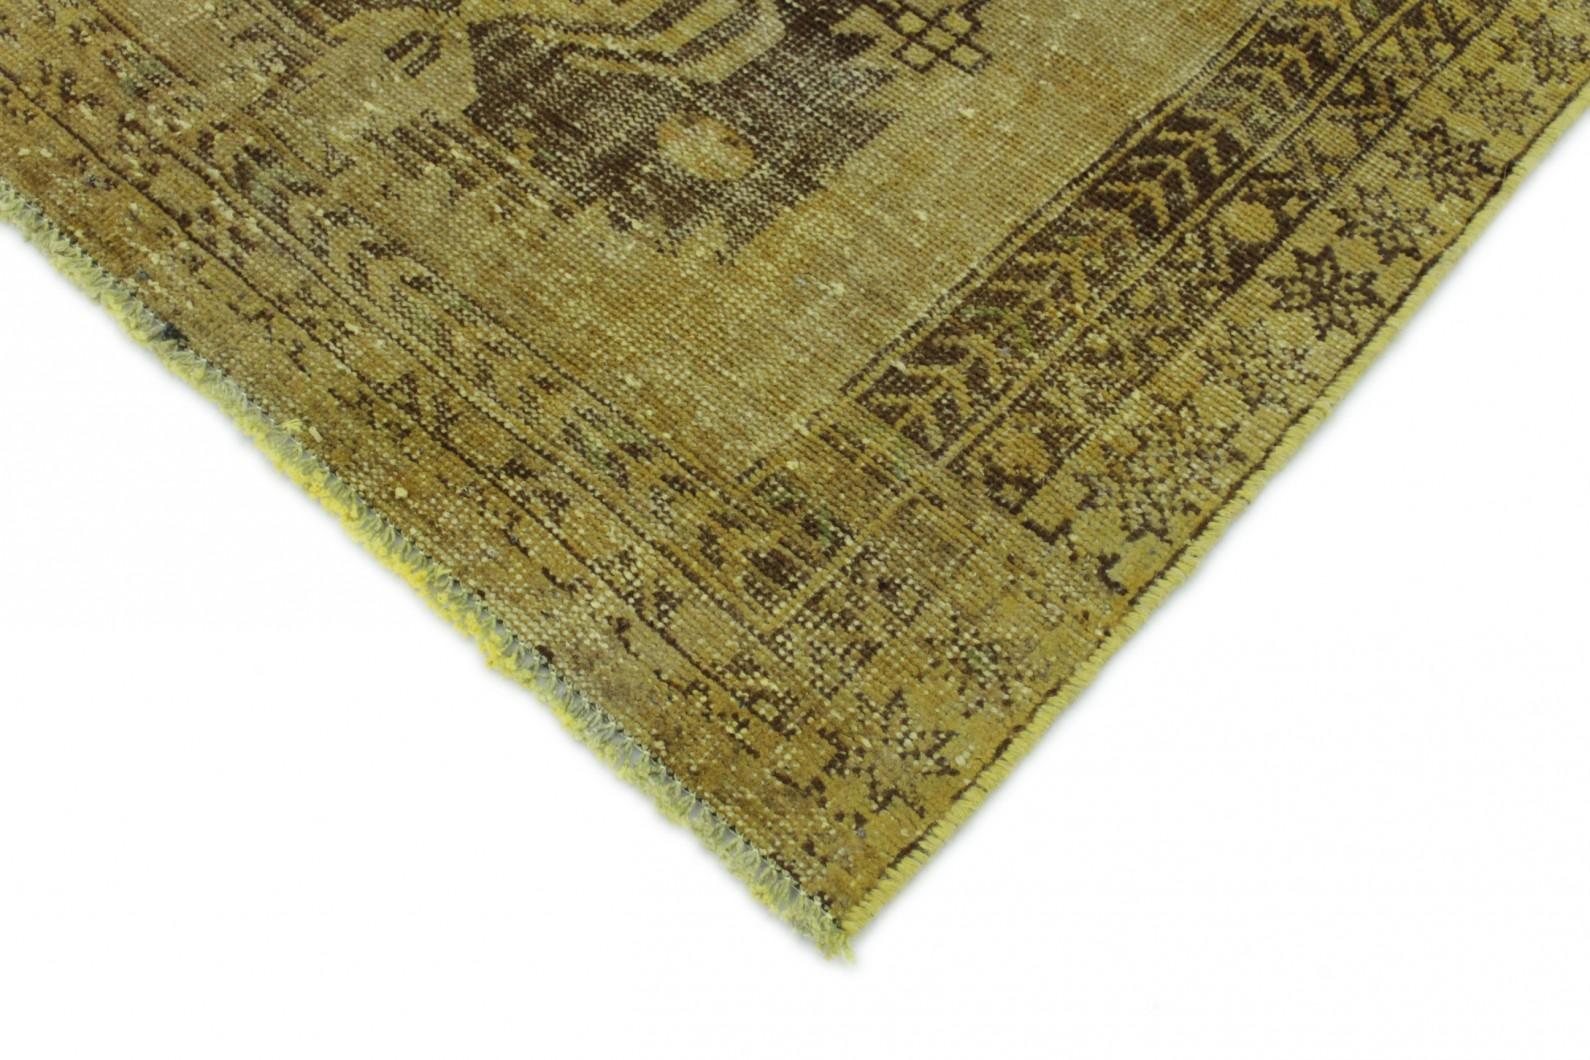 vintage teppich beige gelb in 190x110 1001 167003 bei kaufen. Black Bedroom Furniture Sets. Home Design Ideas